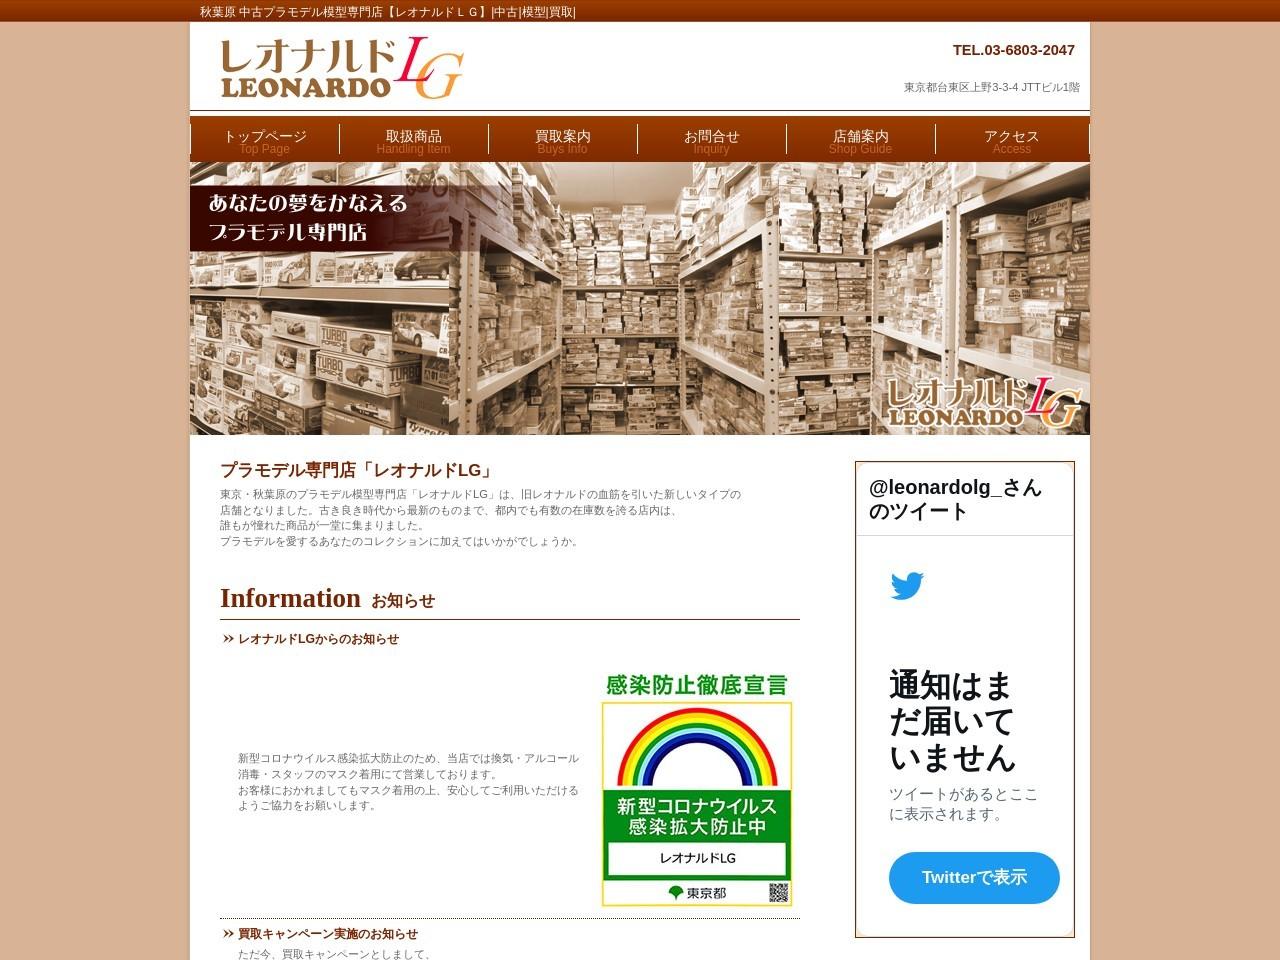 秋葉原 中古プラモデル専門店【レオナルドLG】|模型|買取|